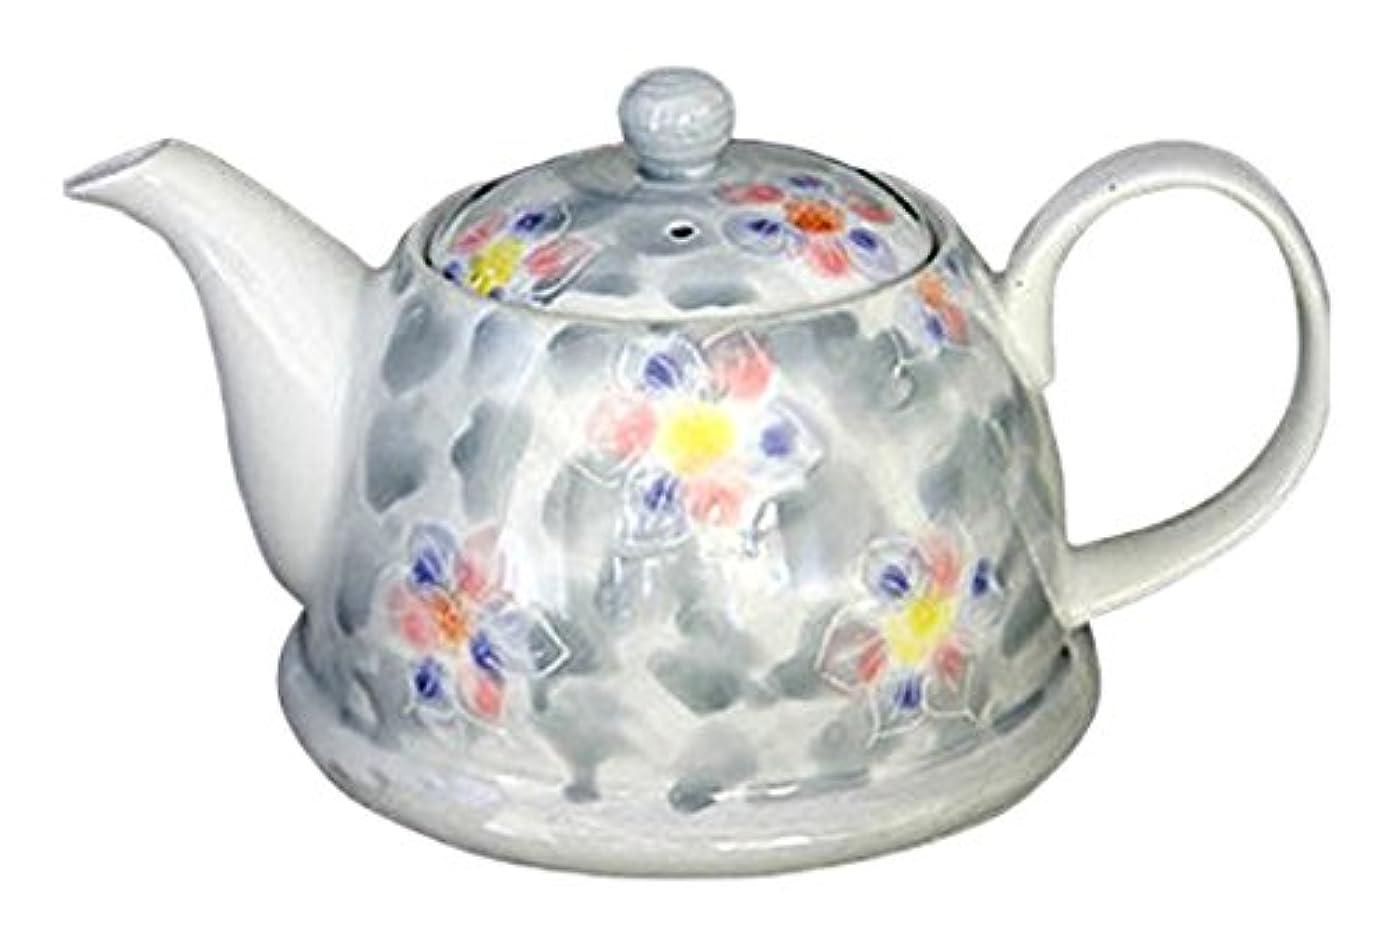 プレフィックス補助驚くばかり急須 おしゃれ ポット : 有田焼 グレーダミ花 (M)ポット Japanese Tea pot Pottery/Size(cm) 17.2x11x9.3/No:618683